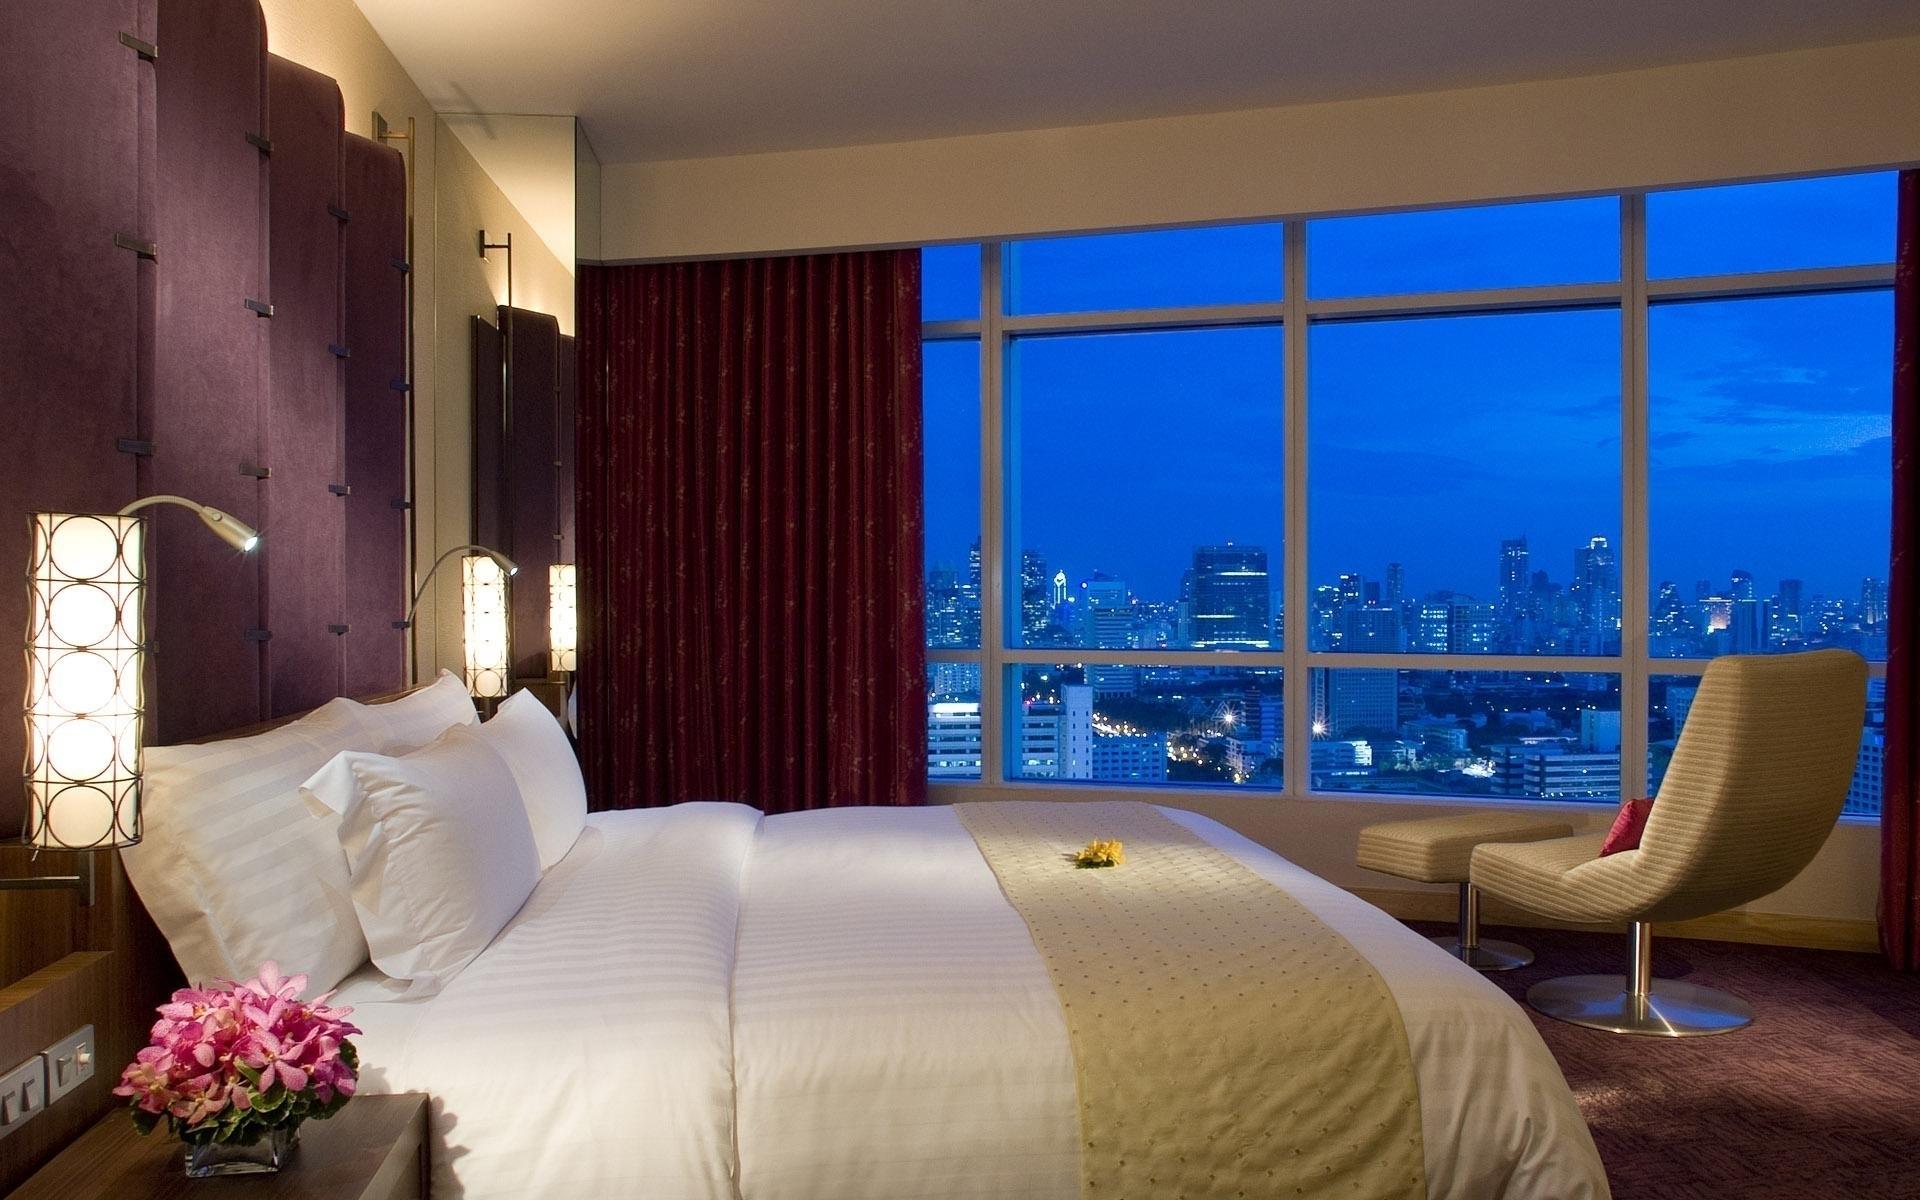 картинки спальных комнат в квартире фото полезно при фотографировании